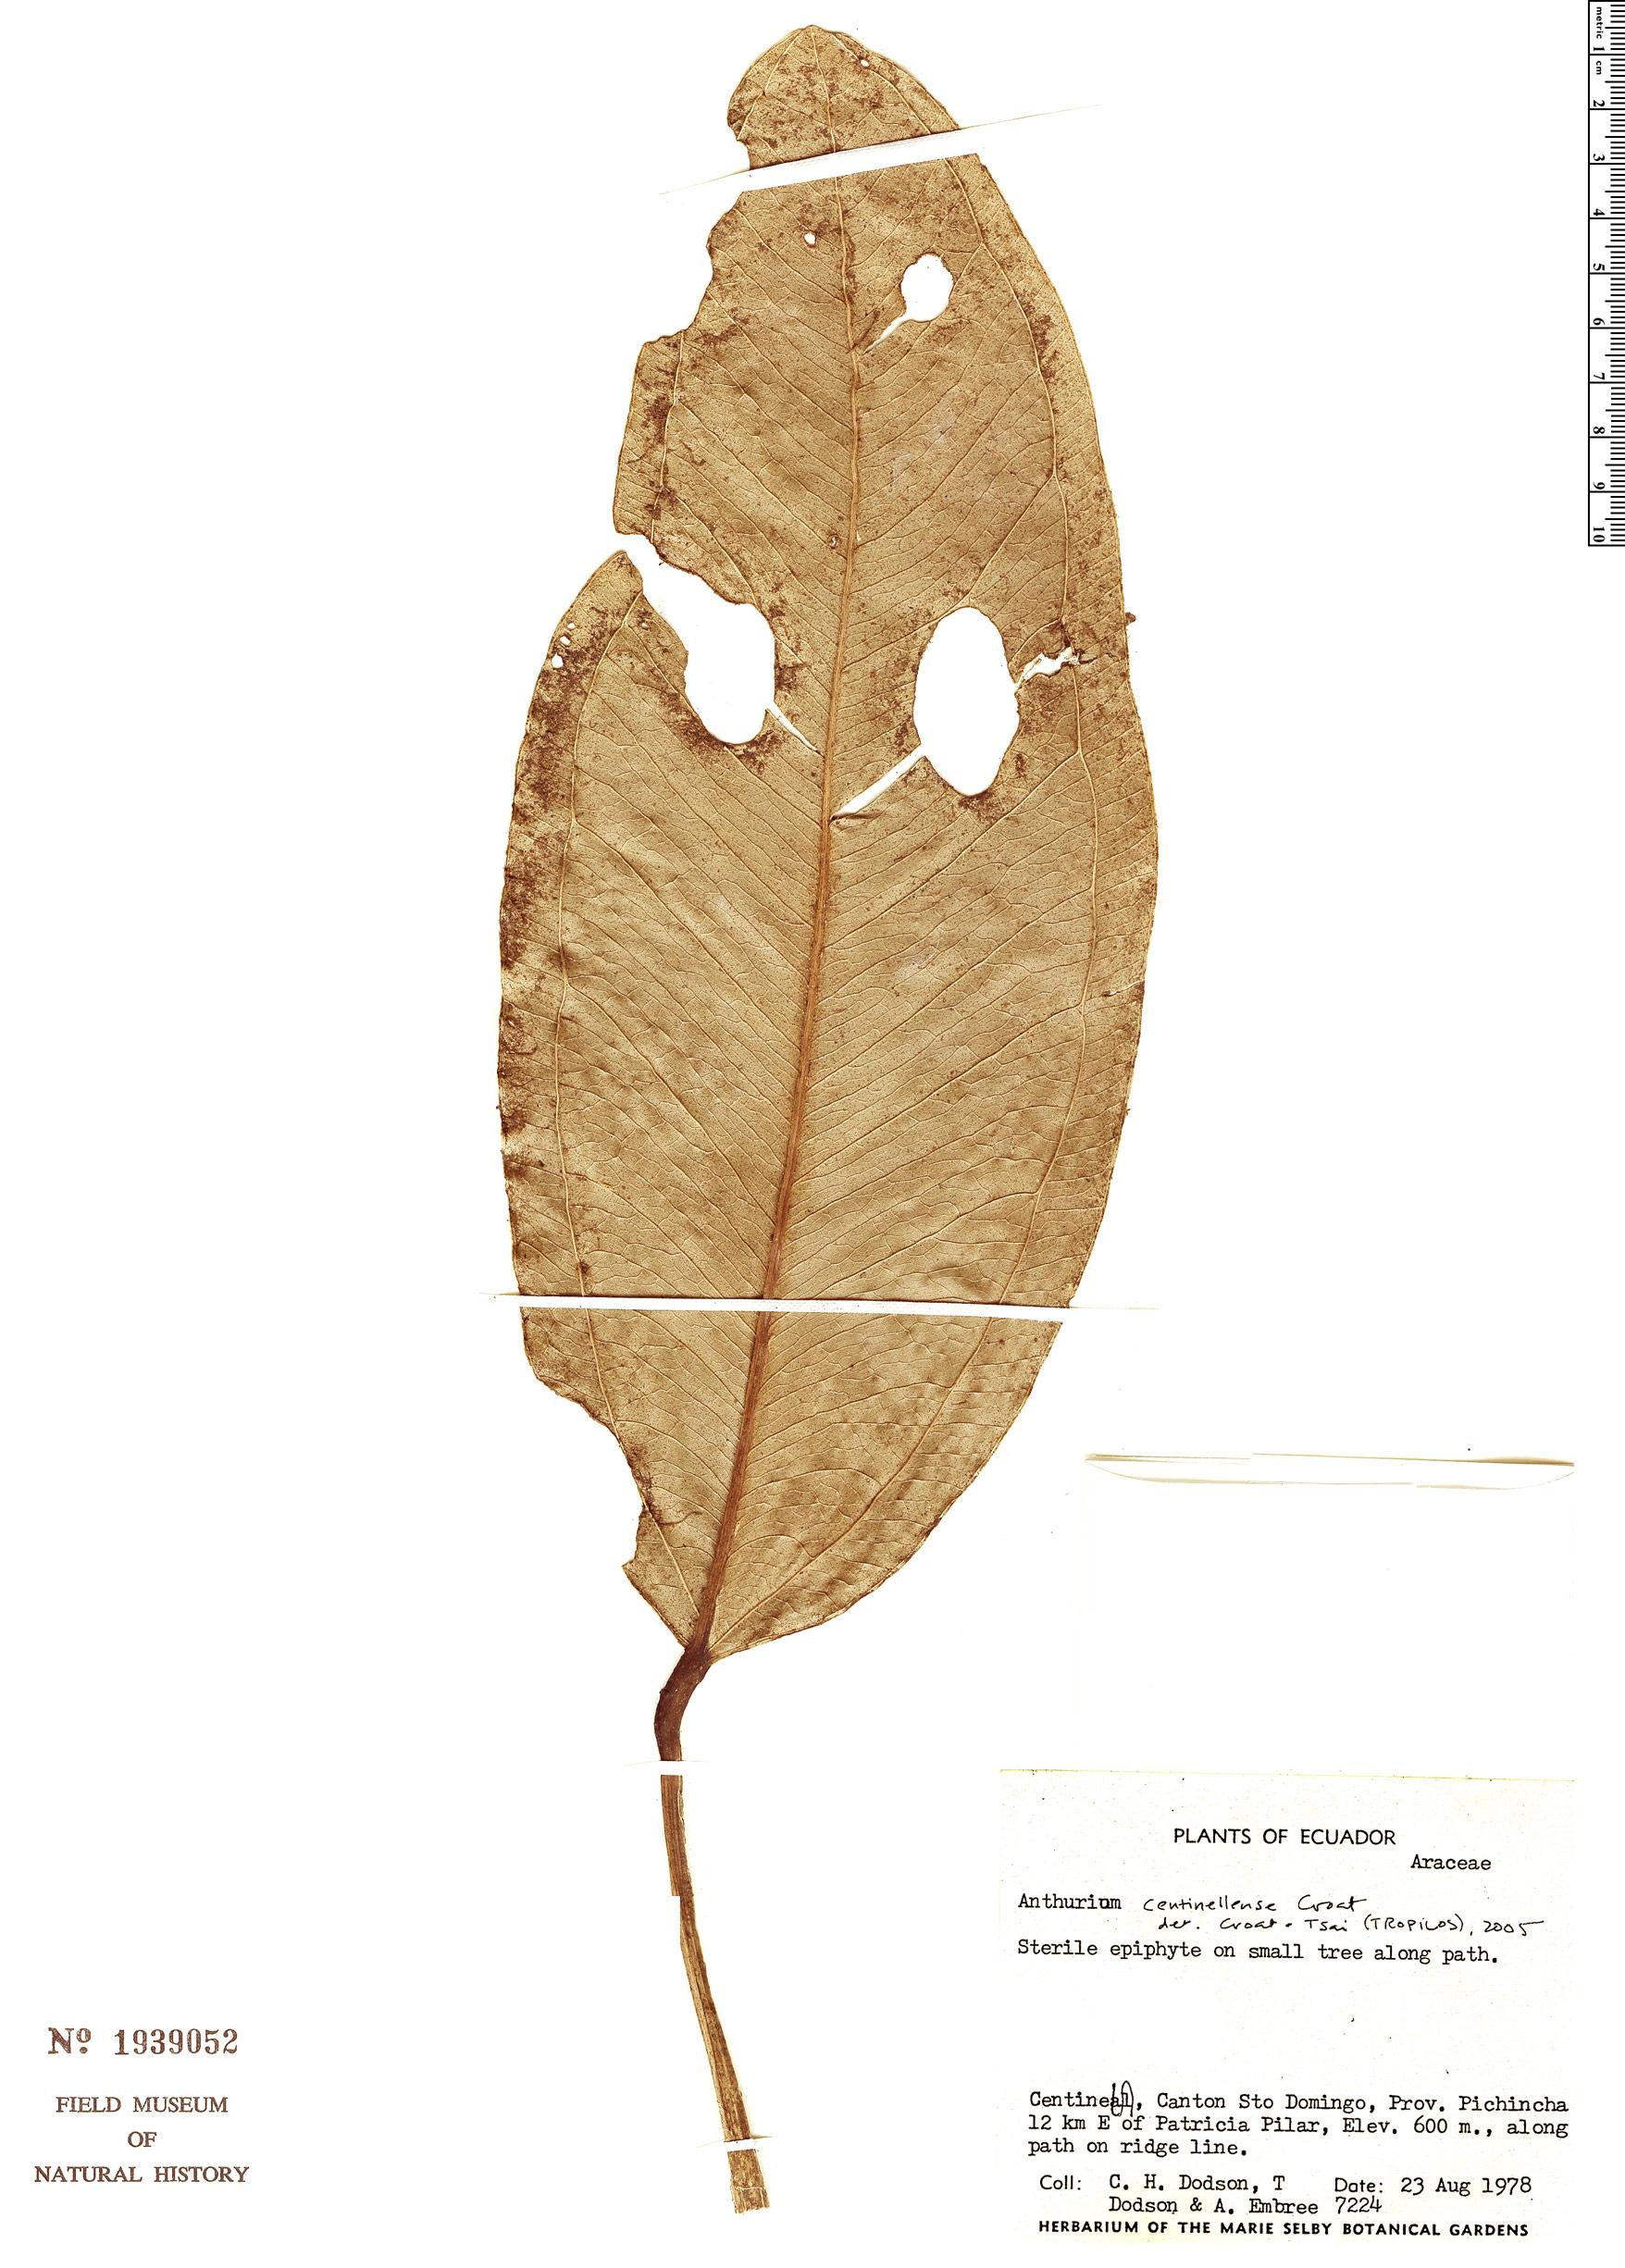 Specimen: Anthurium centinellense